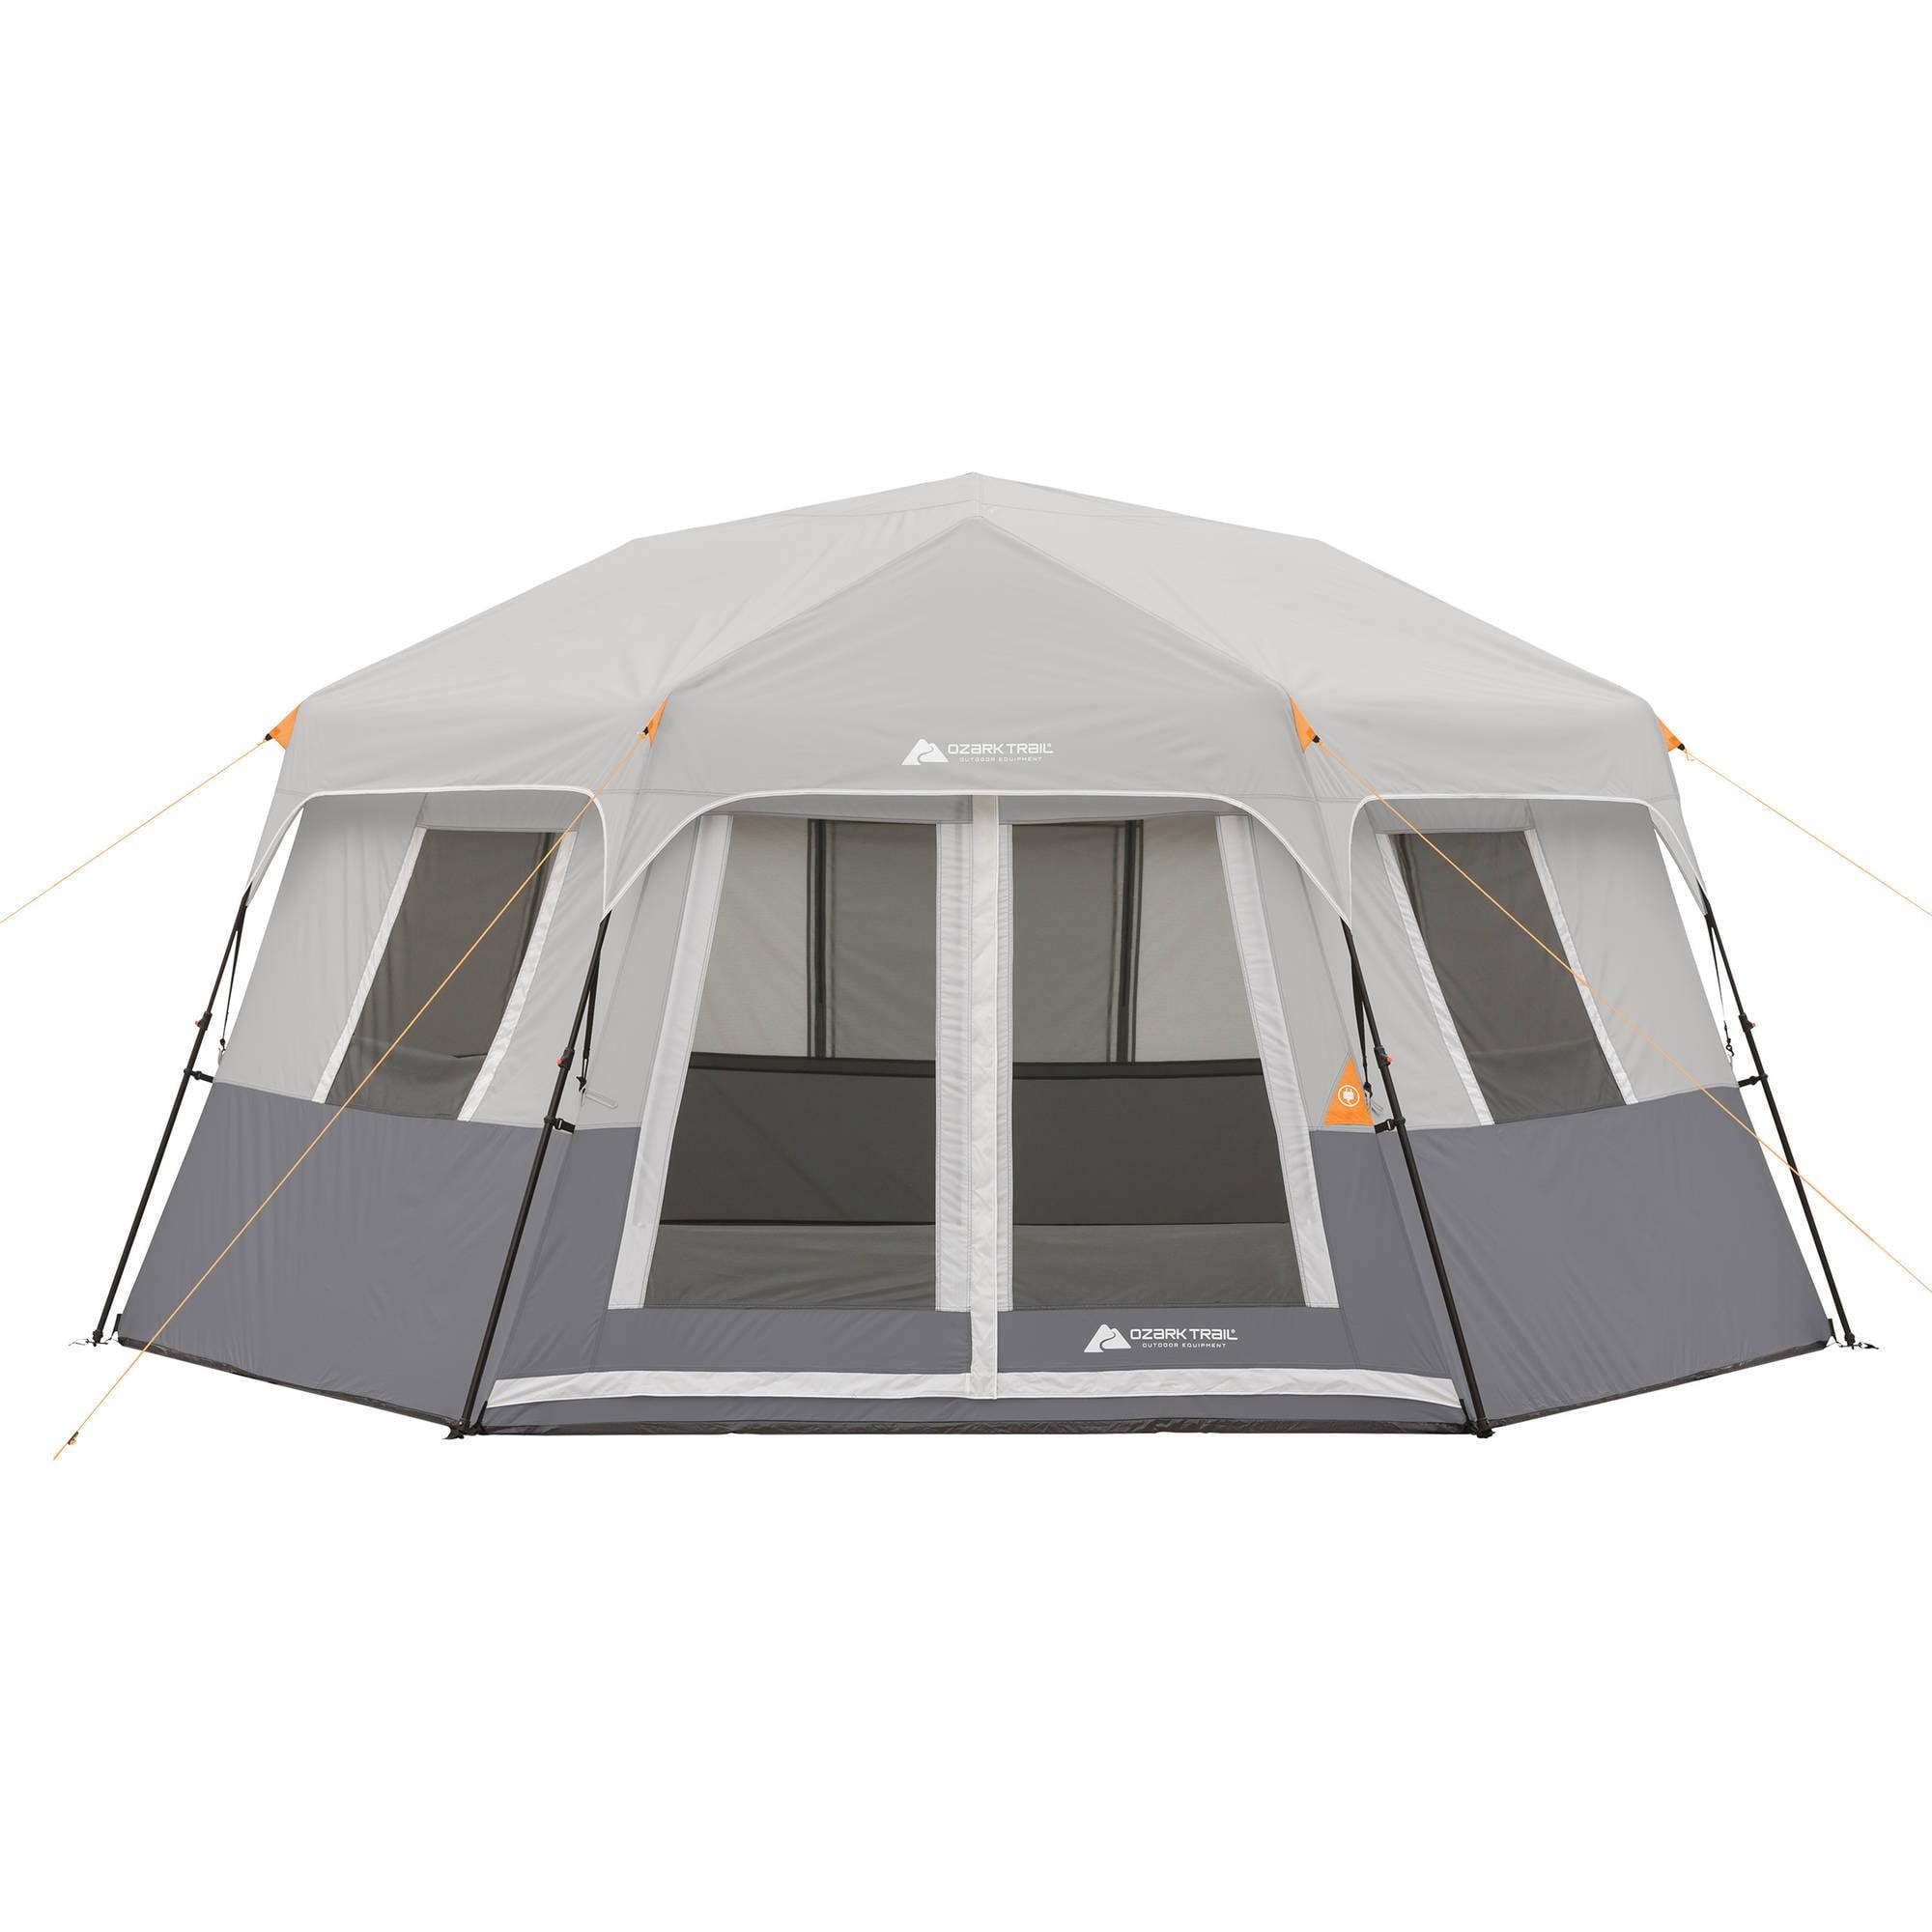 8 Person Instant Cabin Tent : Ozark trail person instant hexagon cabin tent ebay